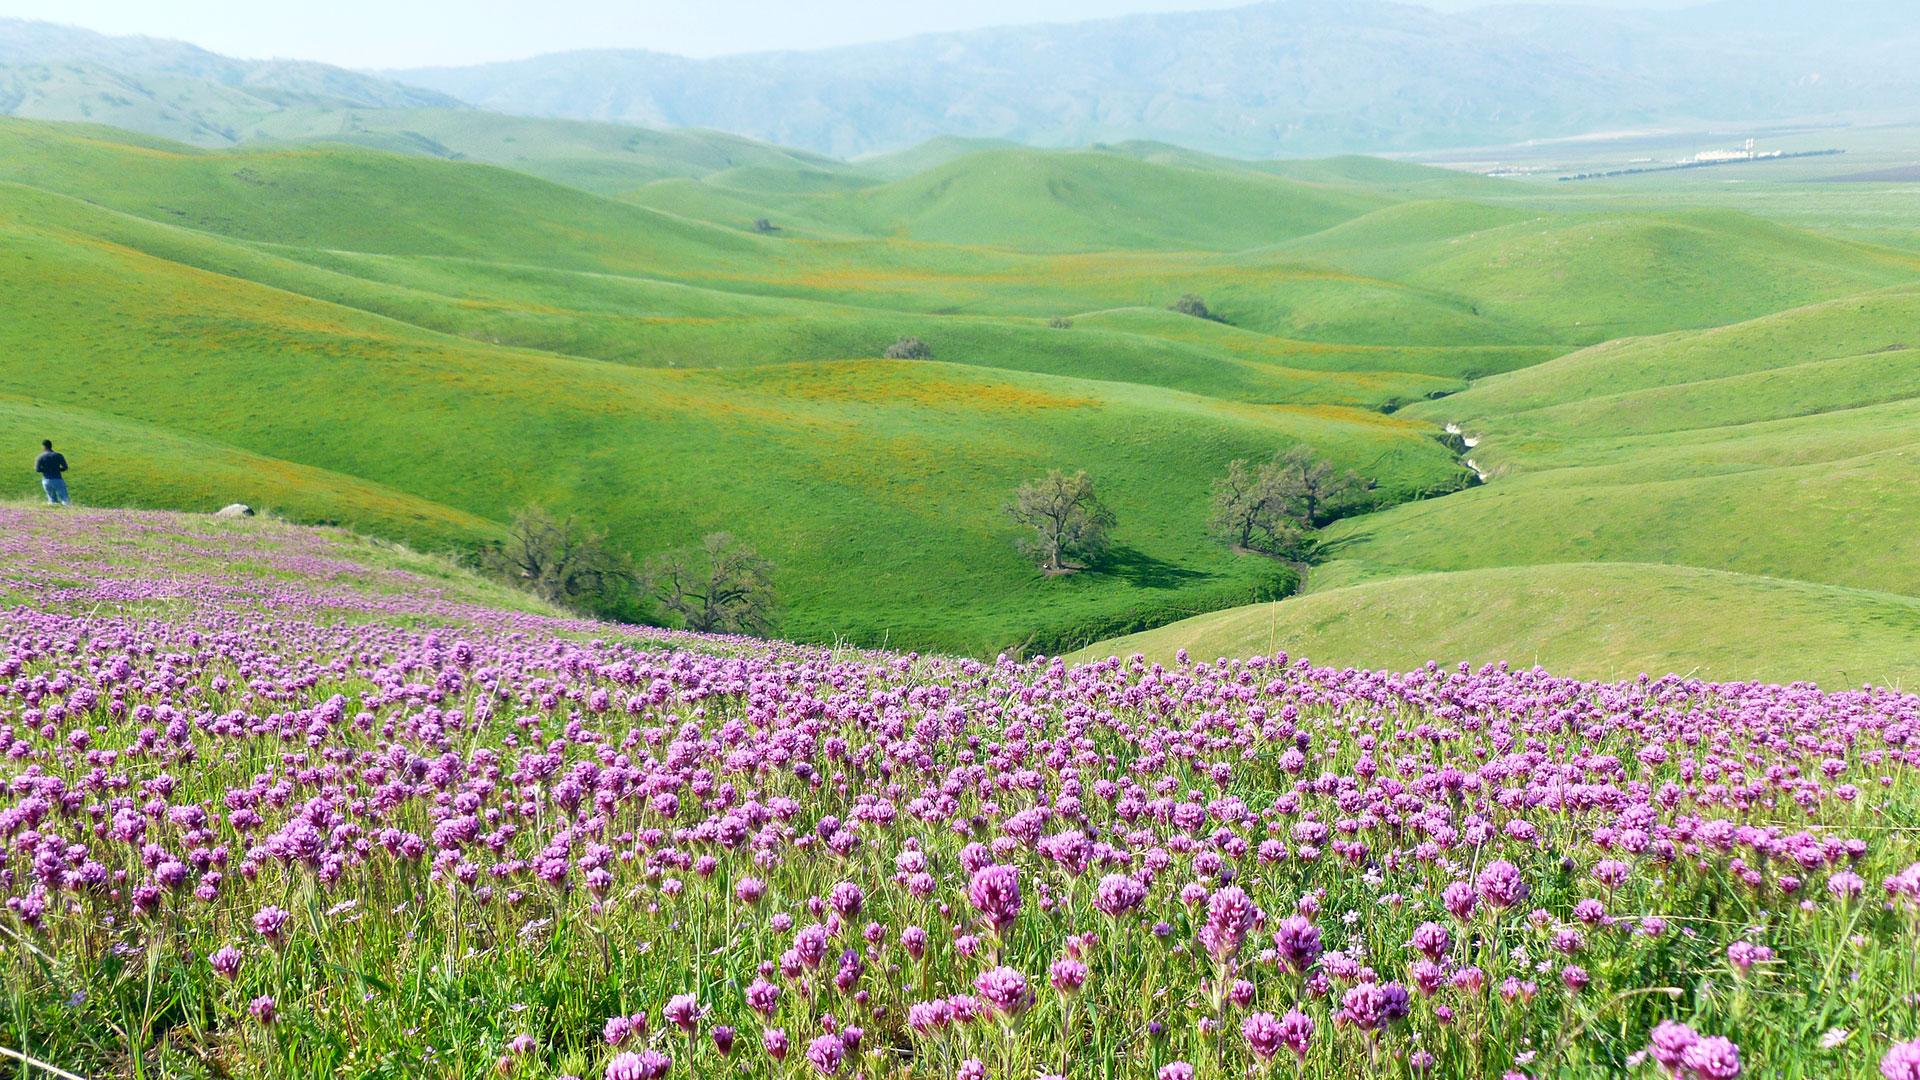 San Joachin Valley